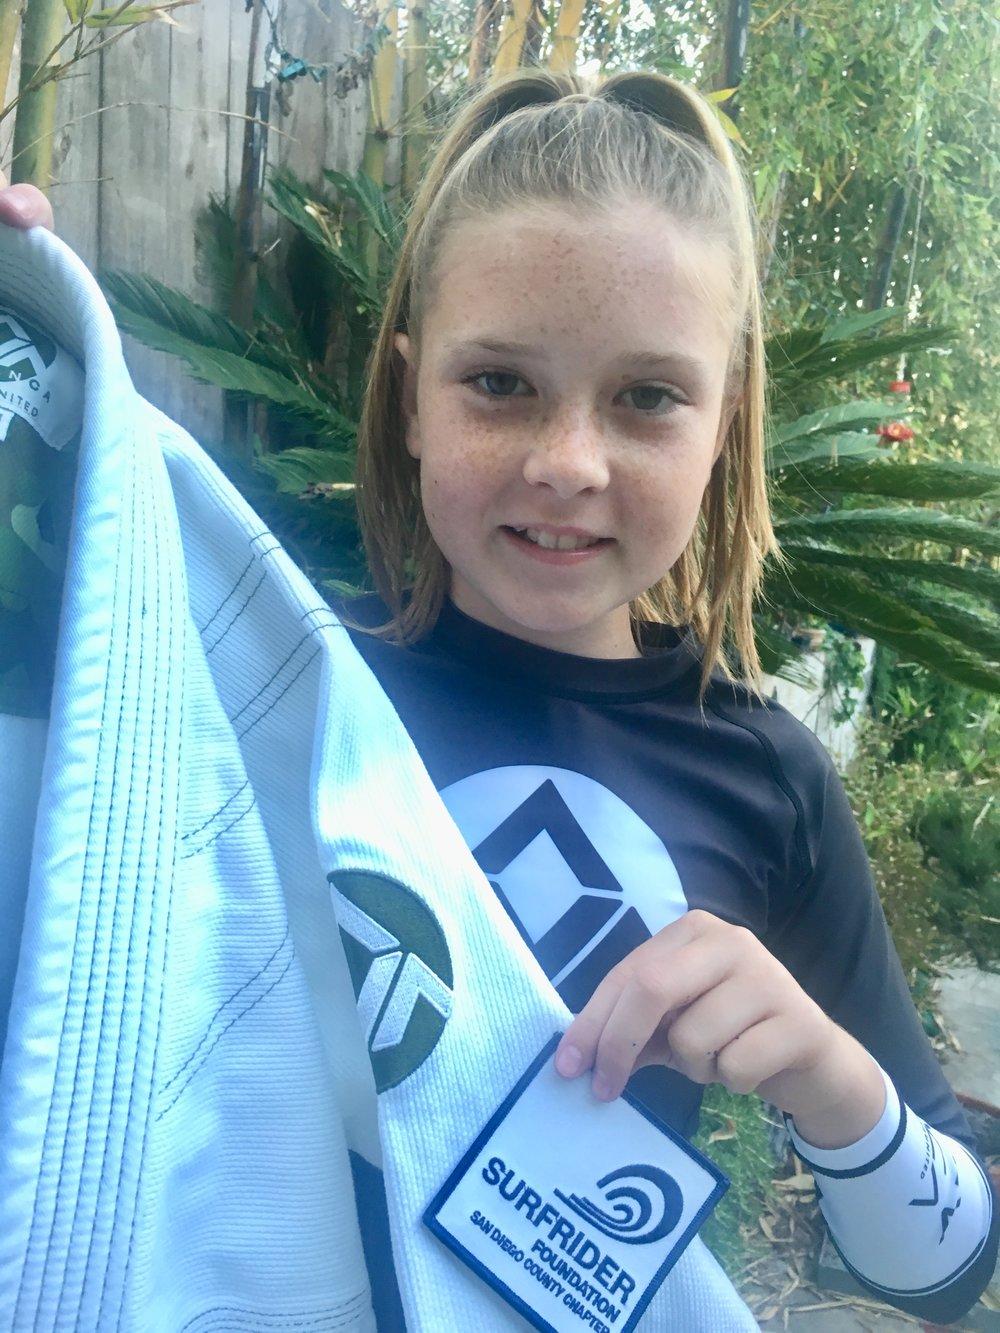 Anika Becker Surfrider San Diego .jpg